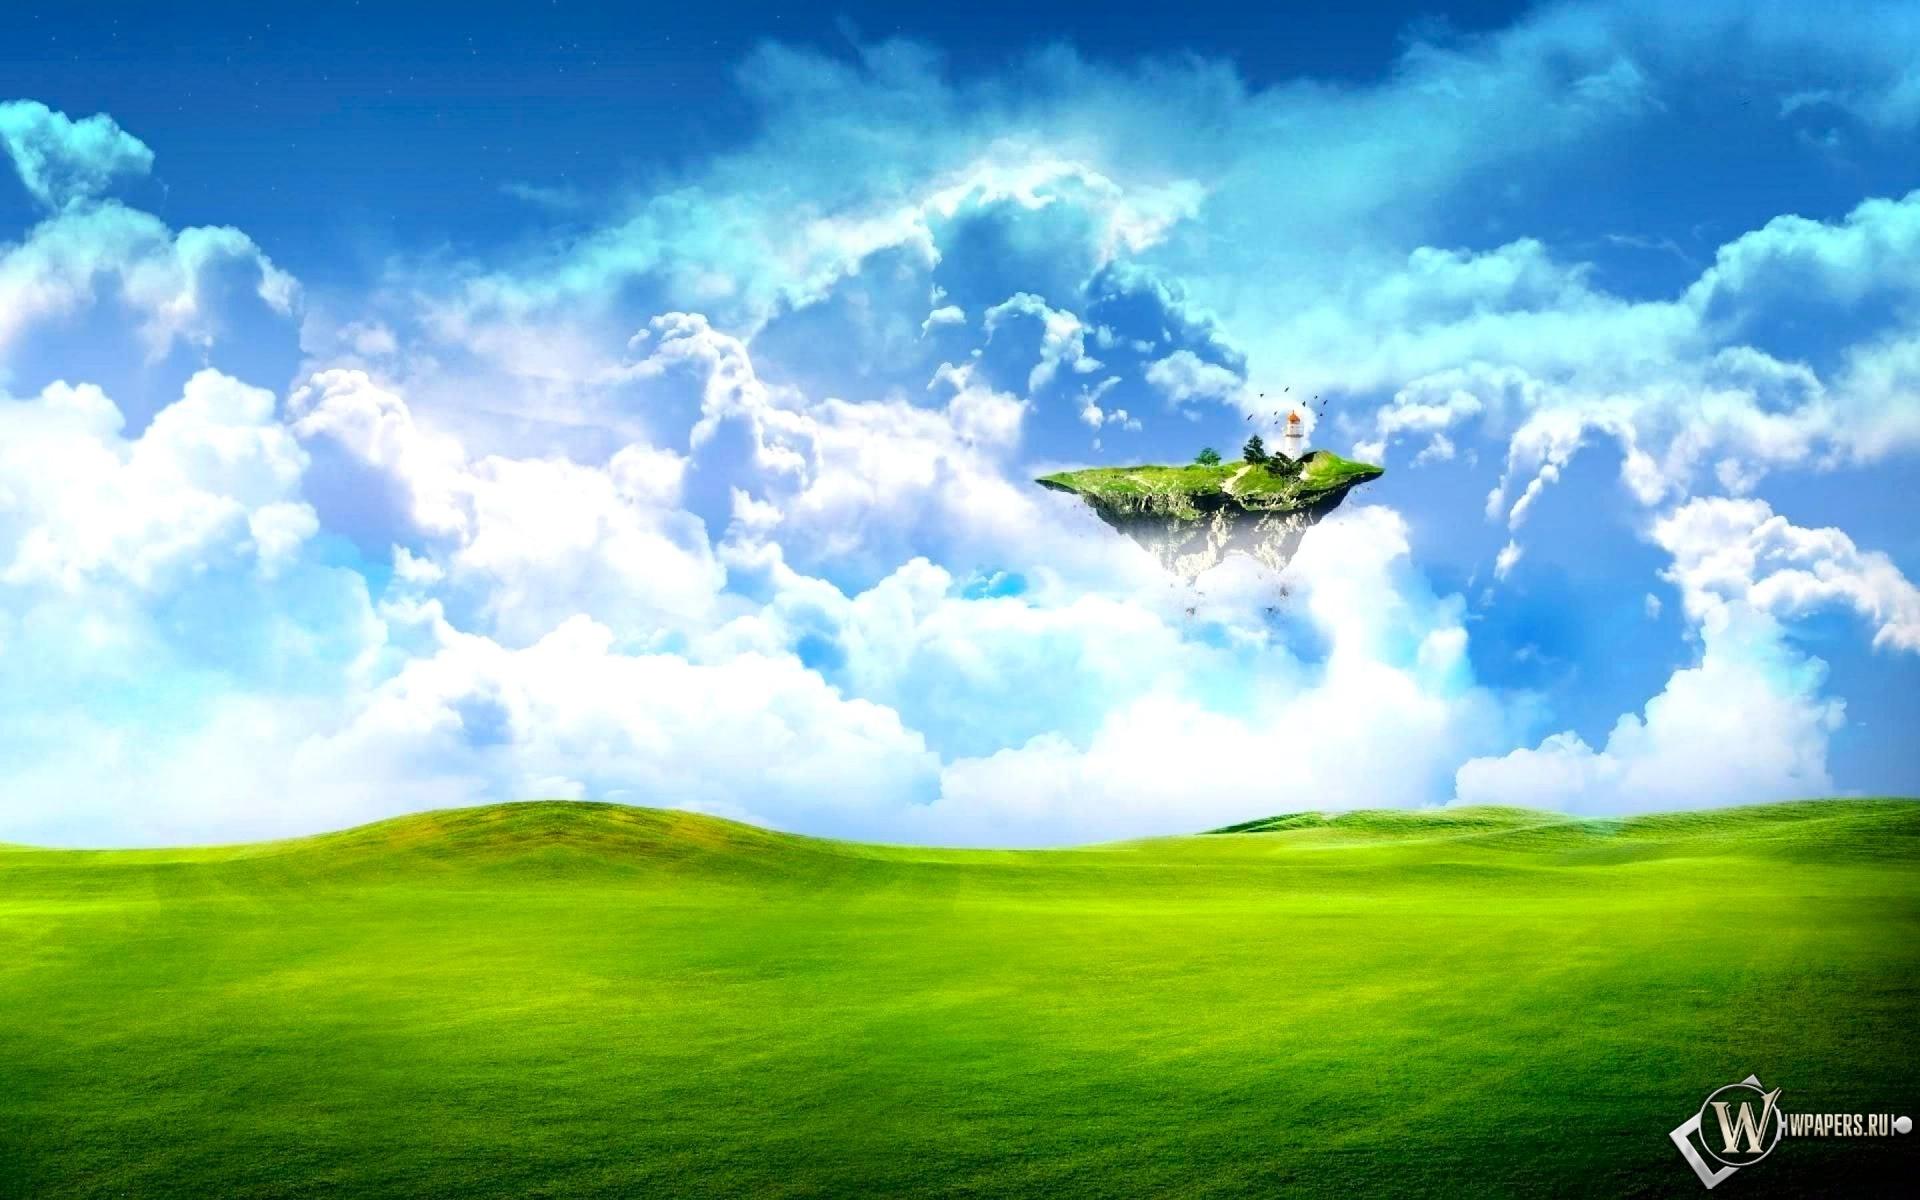 Летающий островок 1920x1200